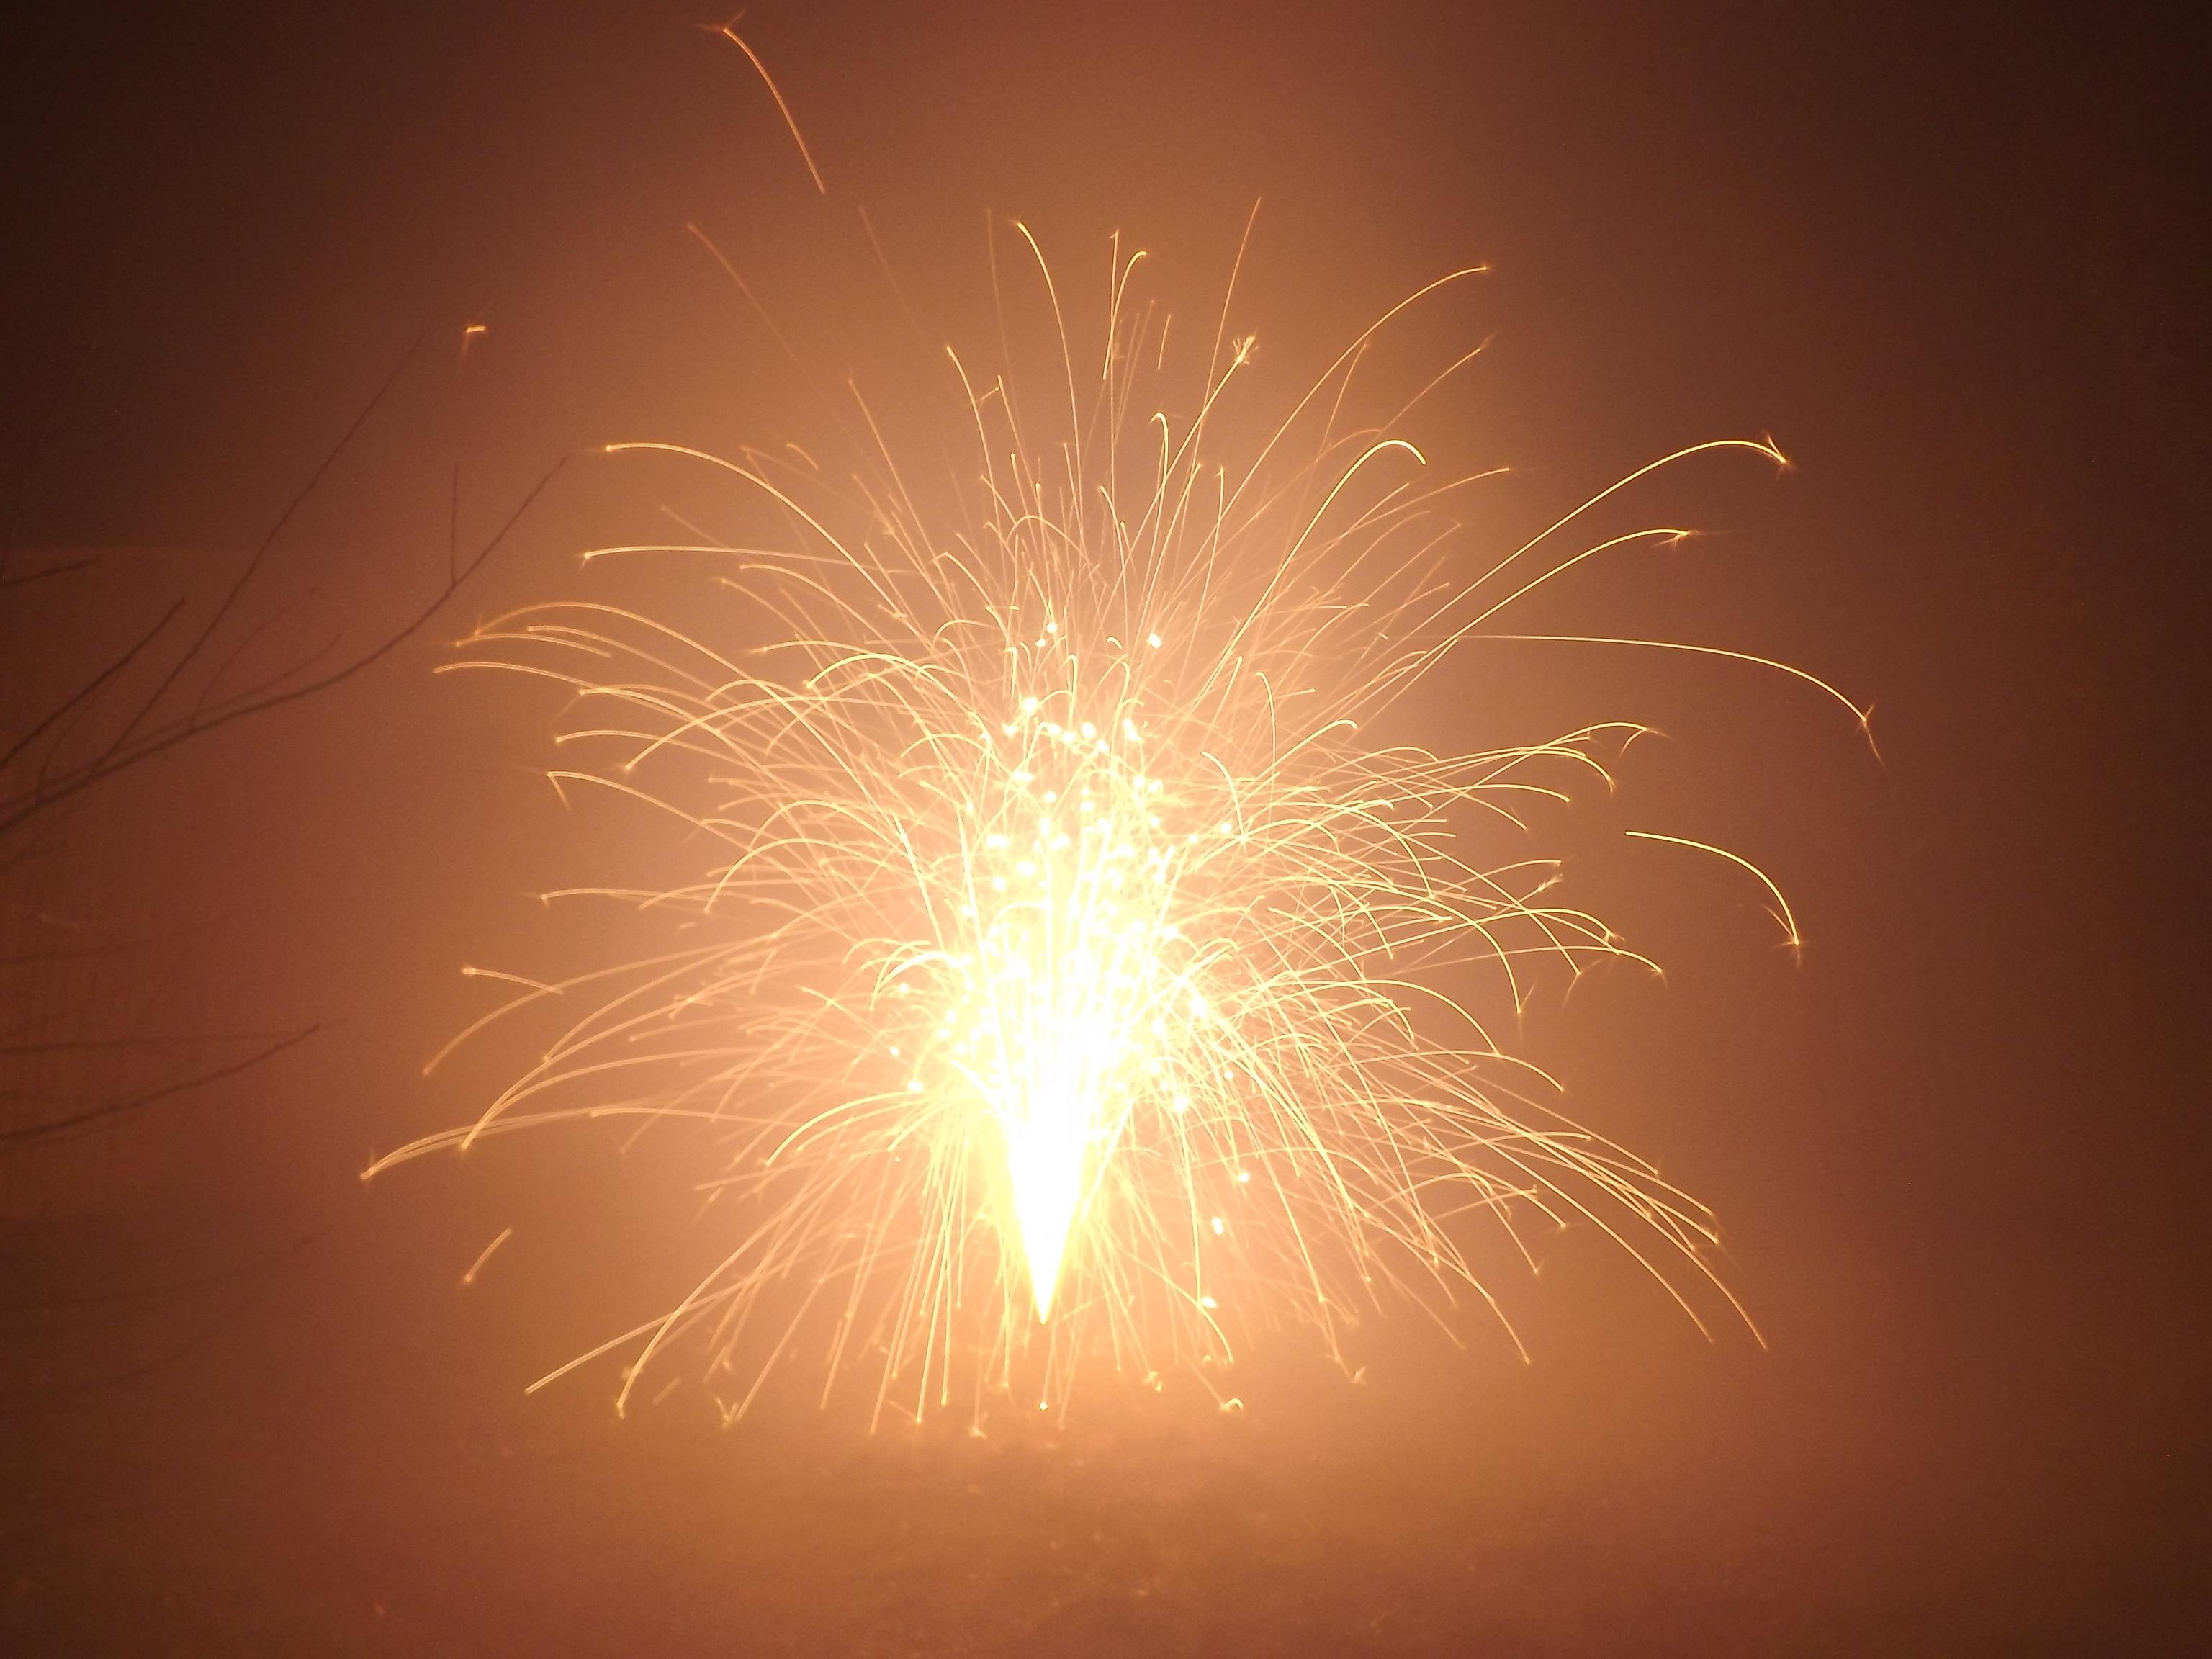 6752-feuerwerk-silvester-neujahr-explosion-leuchten